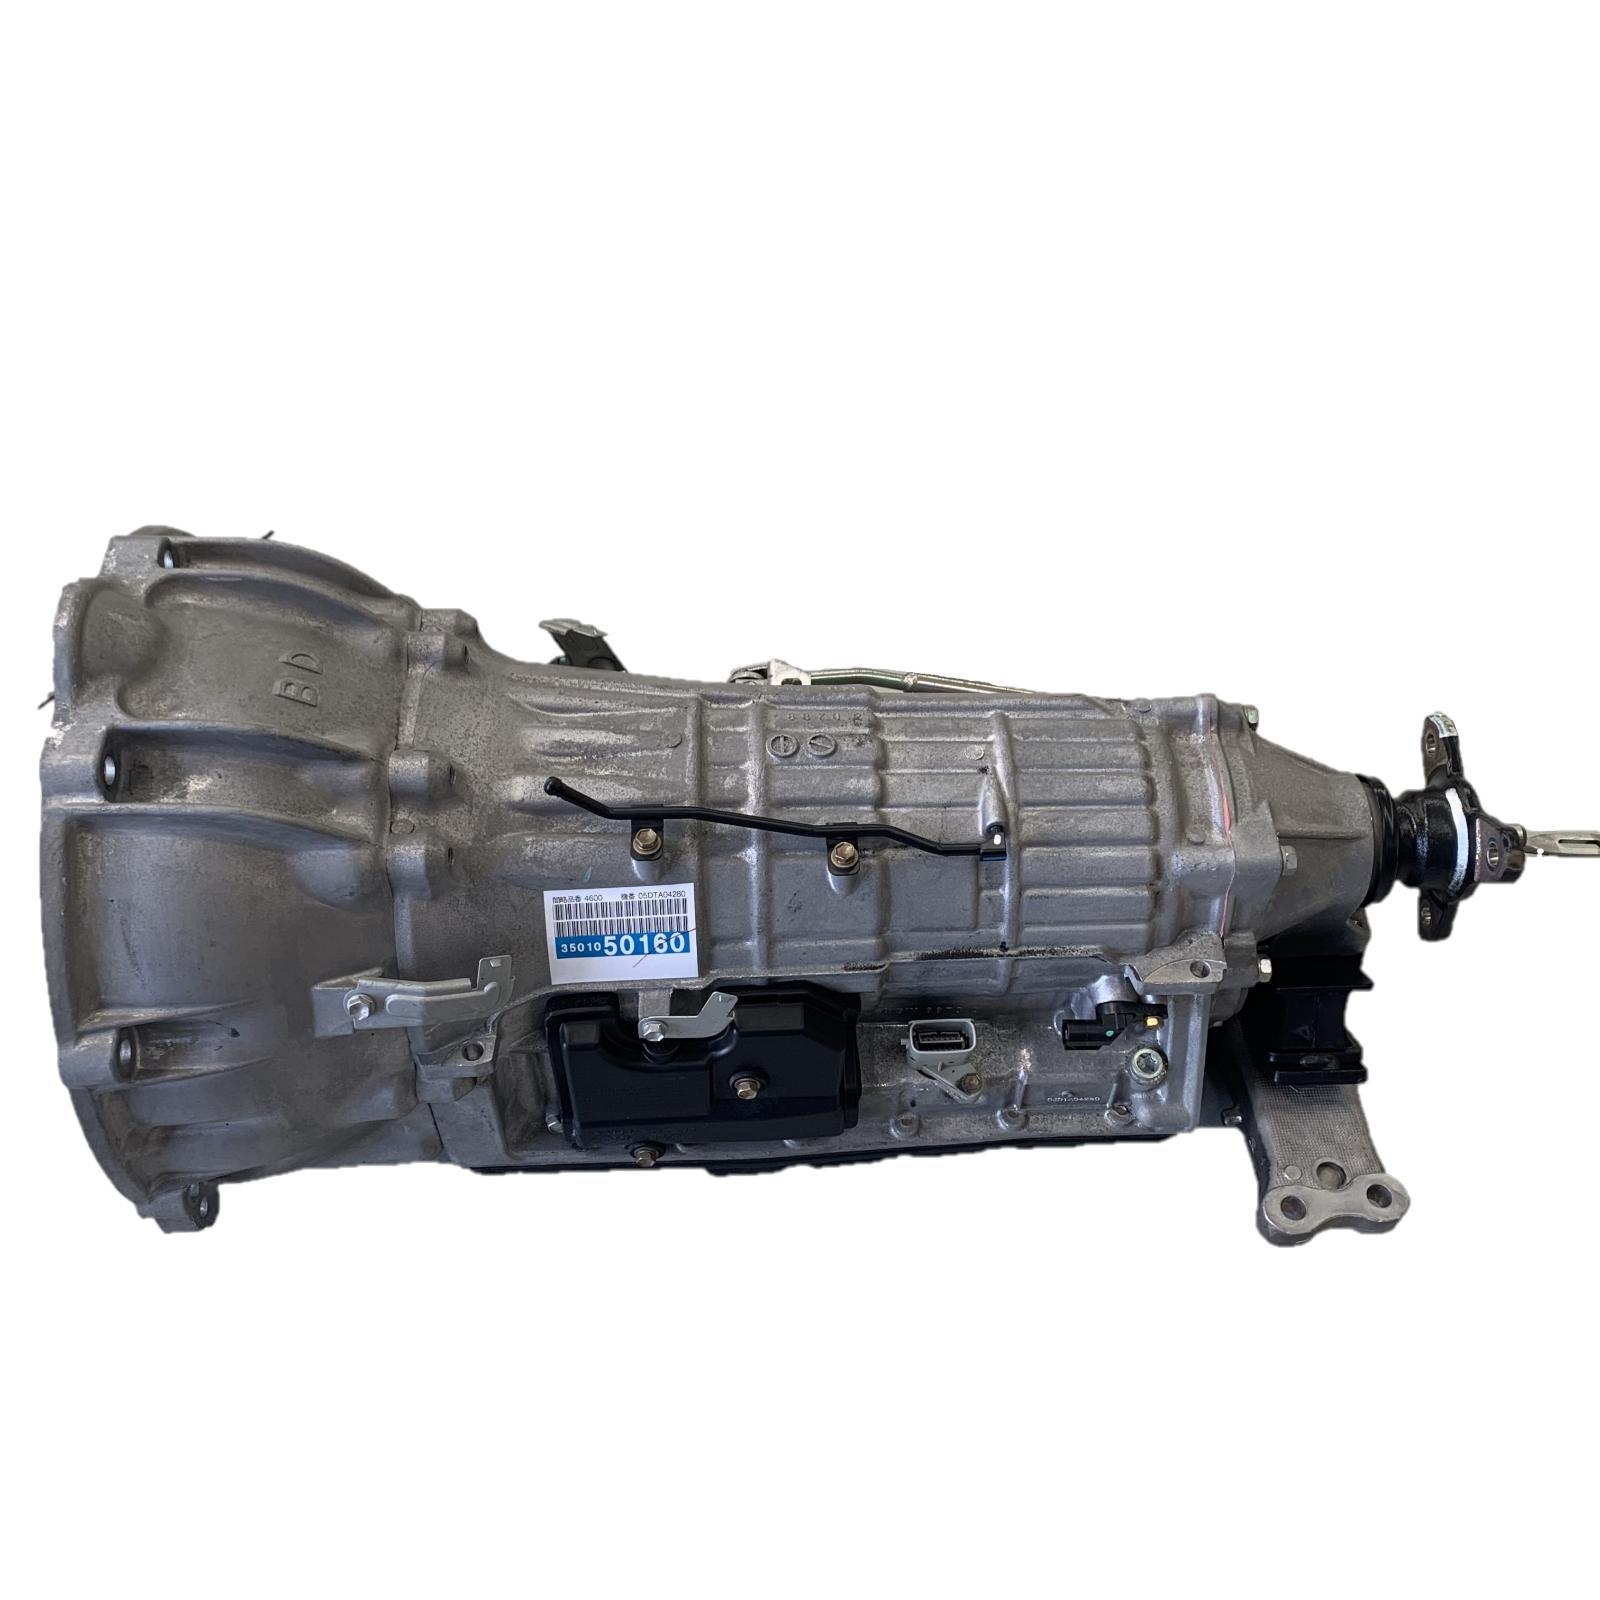 LEXUS LS430, Trans/Gearbox, AUTO, 4.3, 3UZ, 6SPD, UCF30R, 07/03-03/07